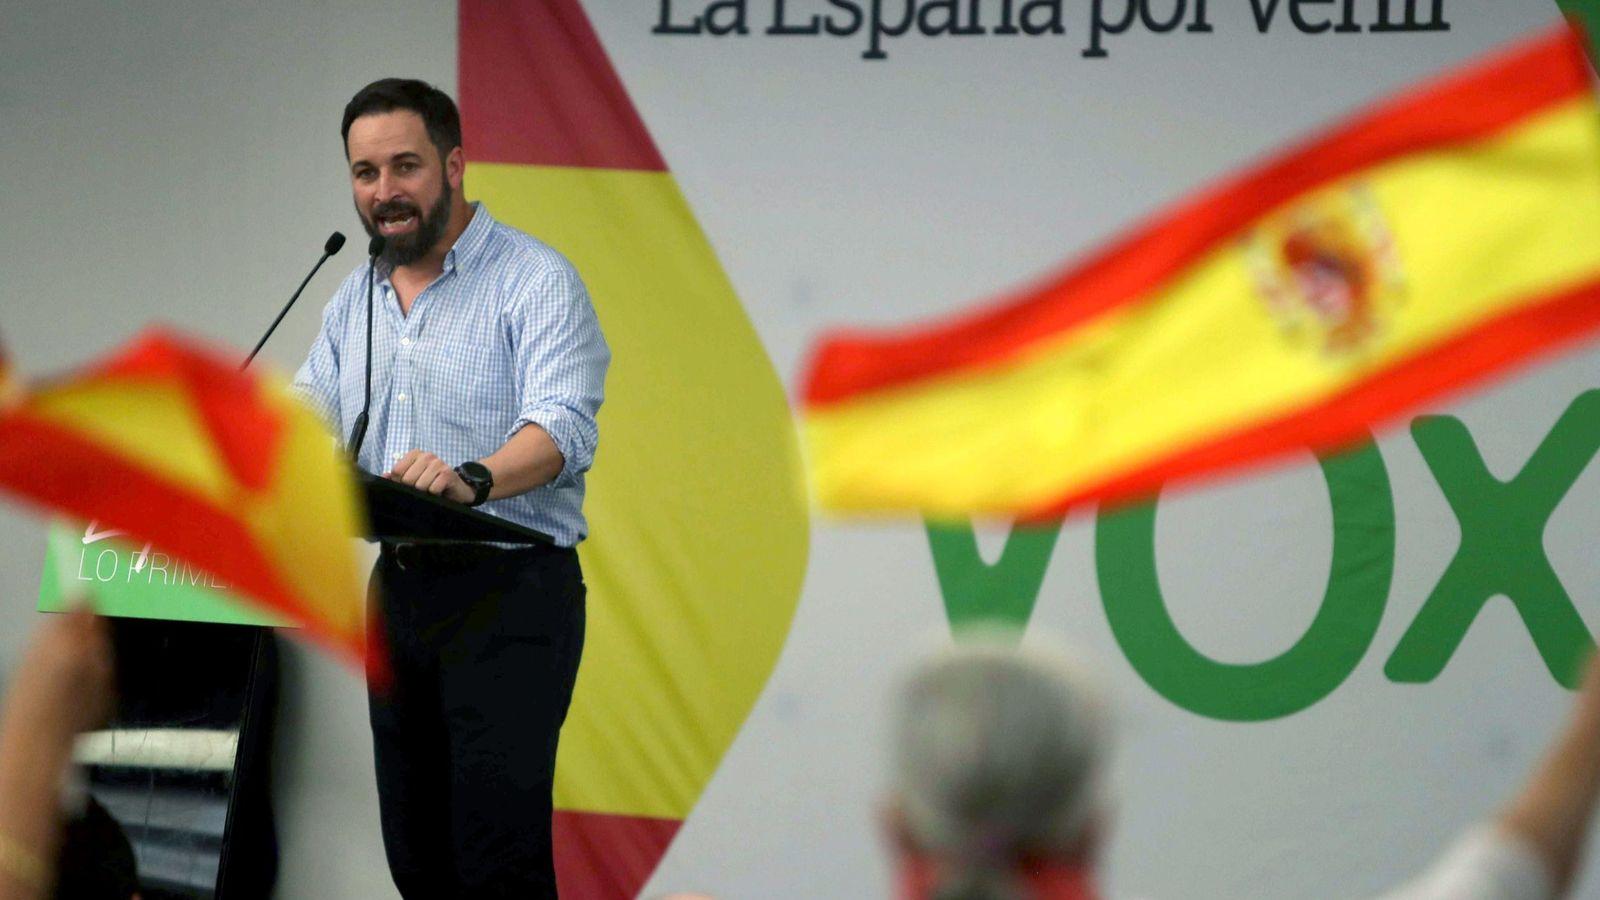 Foto: El presidente de VOX, Santiago Abascal, interviene en un acto del partido celebrado en Barcelona. (EFE)